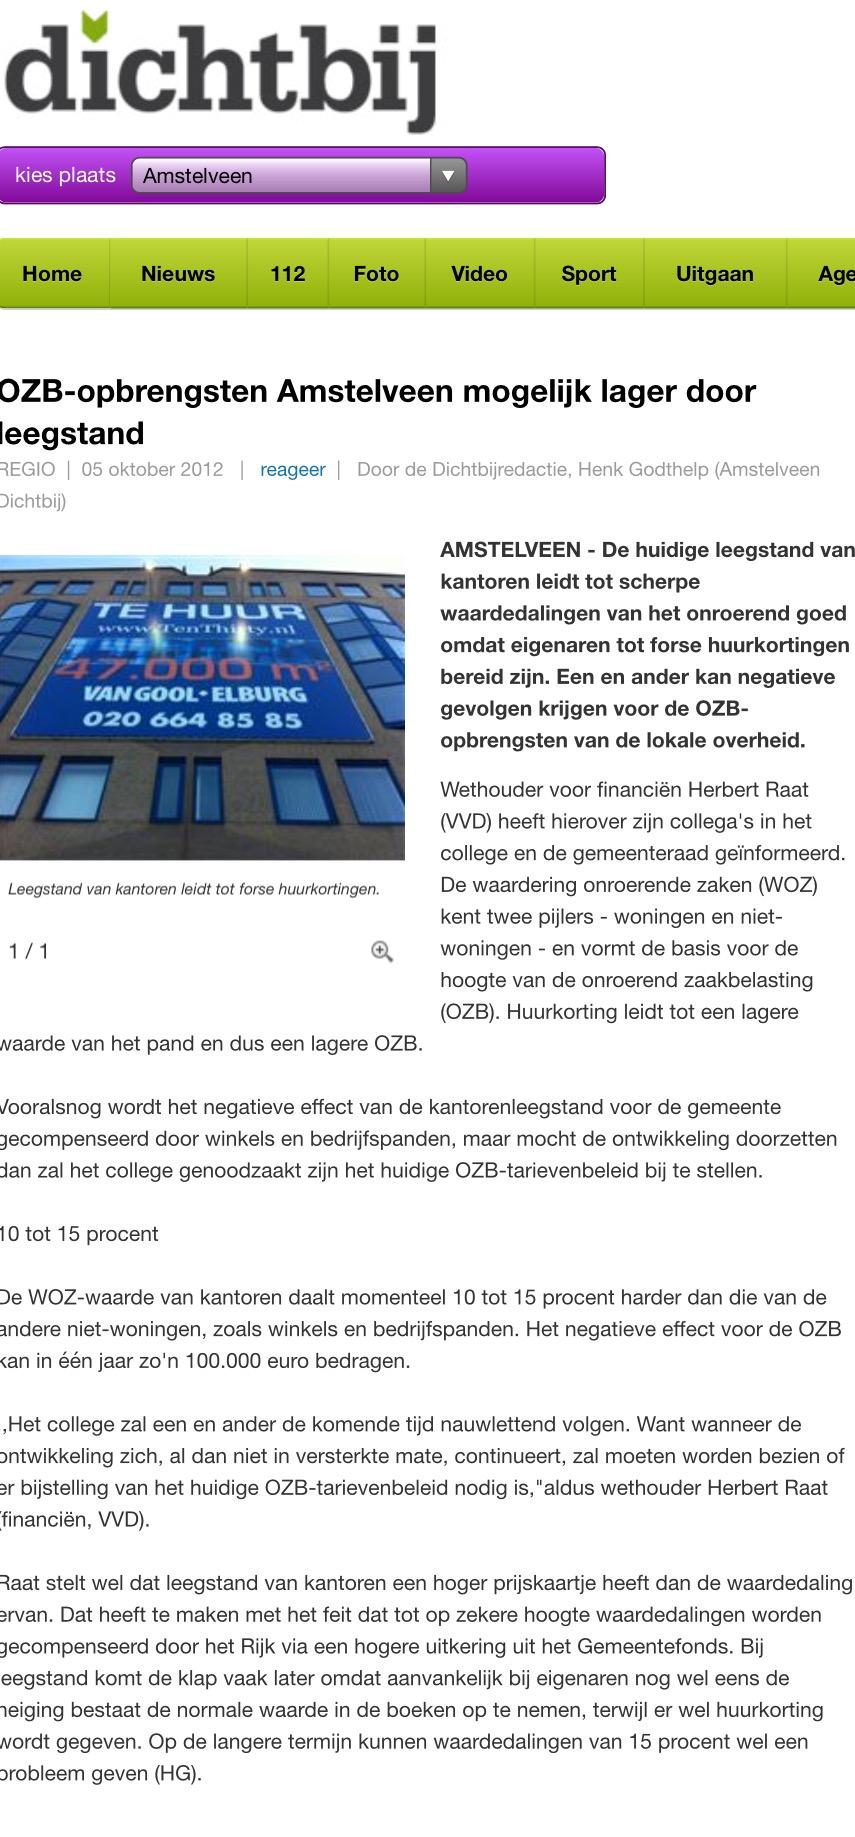 2012-5-10 AmstelveenDichtbij; Herbert Raat over lagere opbrengst OZB door leegstand kantoren en gevolgen.